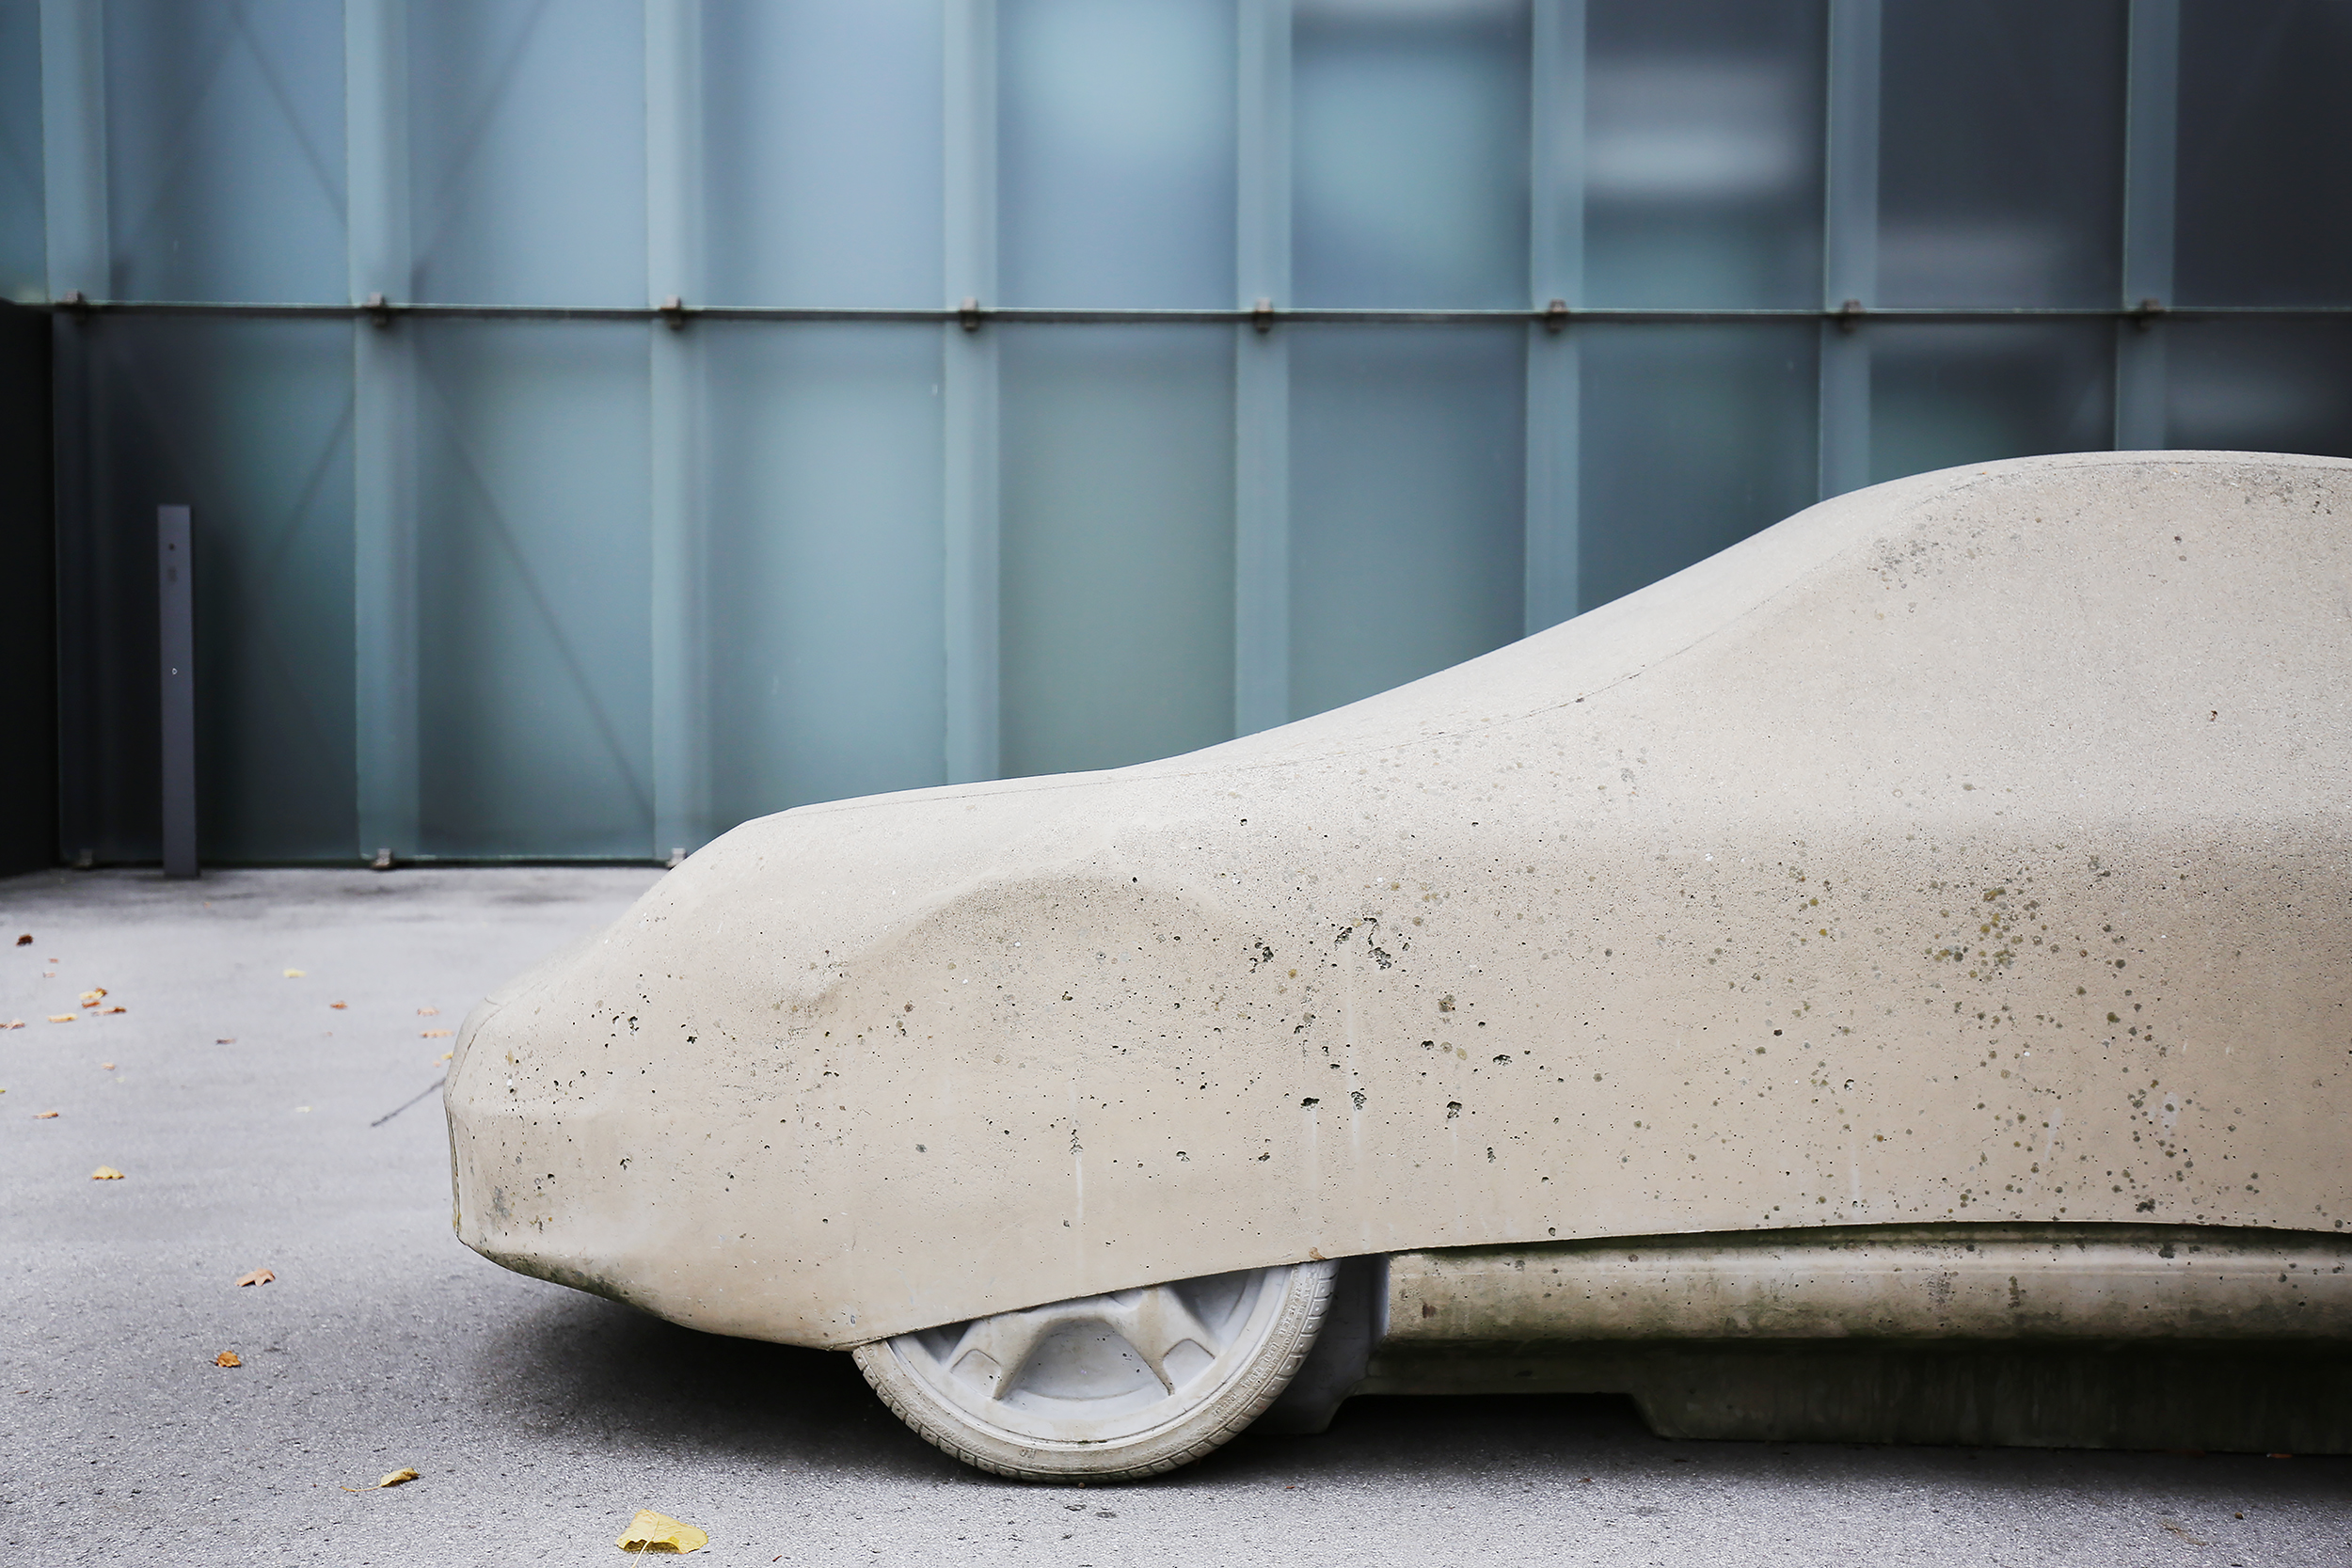 © Gottfried Bechtold, Betonporsche (Detail), Kunsthaus Bregenz, Foto: Alicia Olmos Ochoa